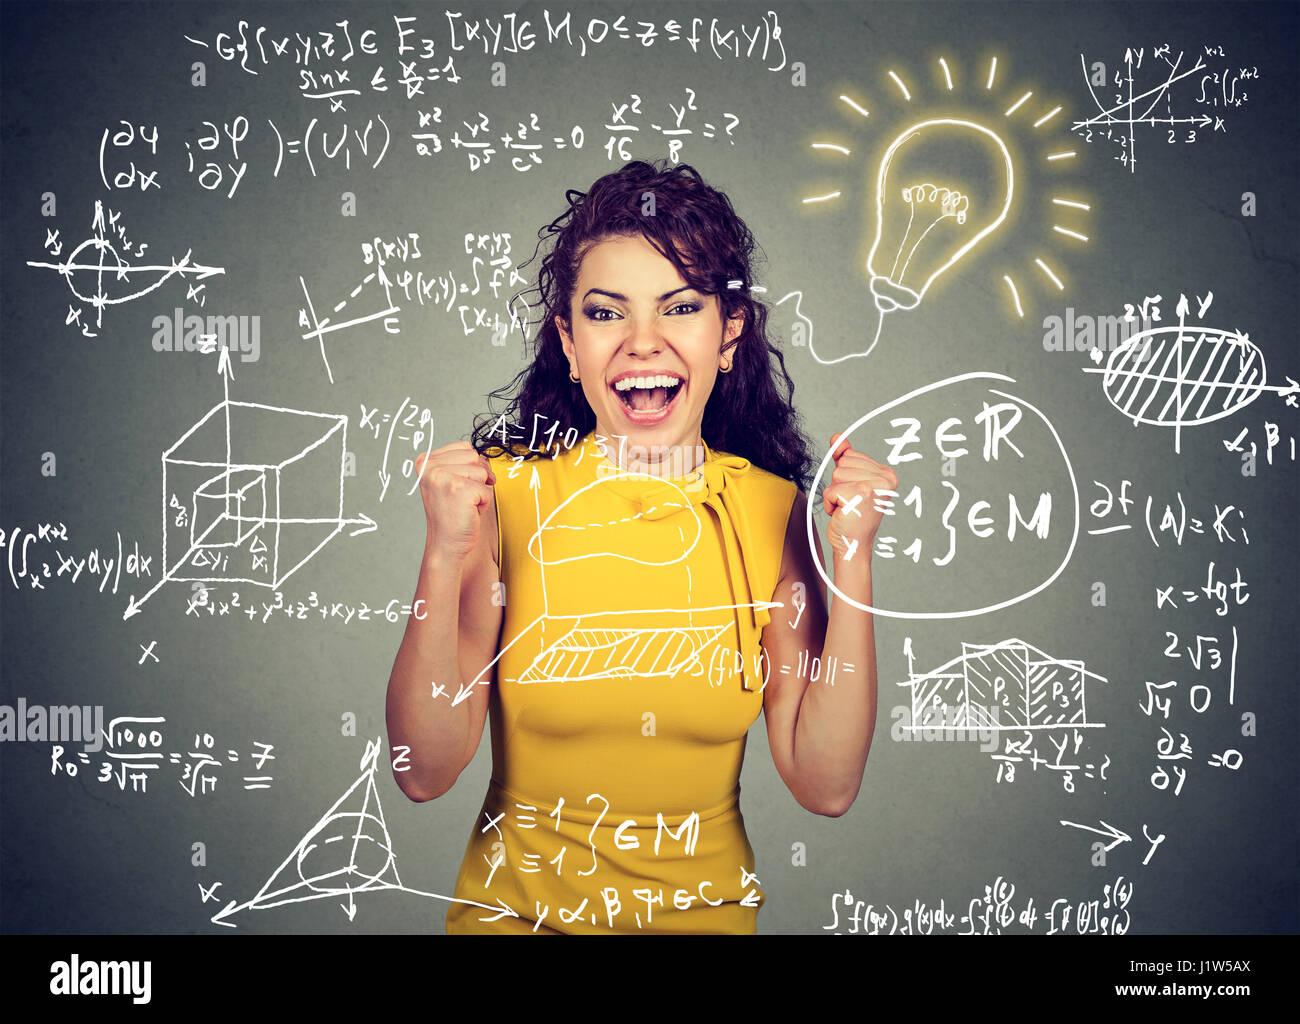 Smart Excited donna studente brillante idea lampadina e scuola di Alta Matematica e scienze formule su sfondo blackboard Immagini Stock